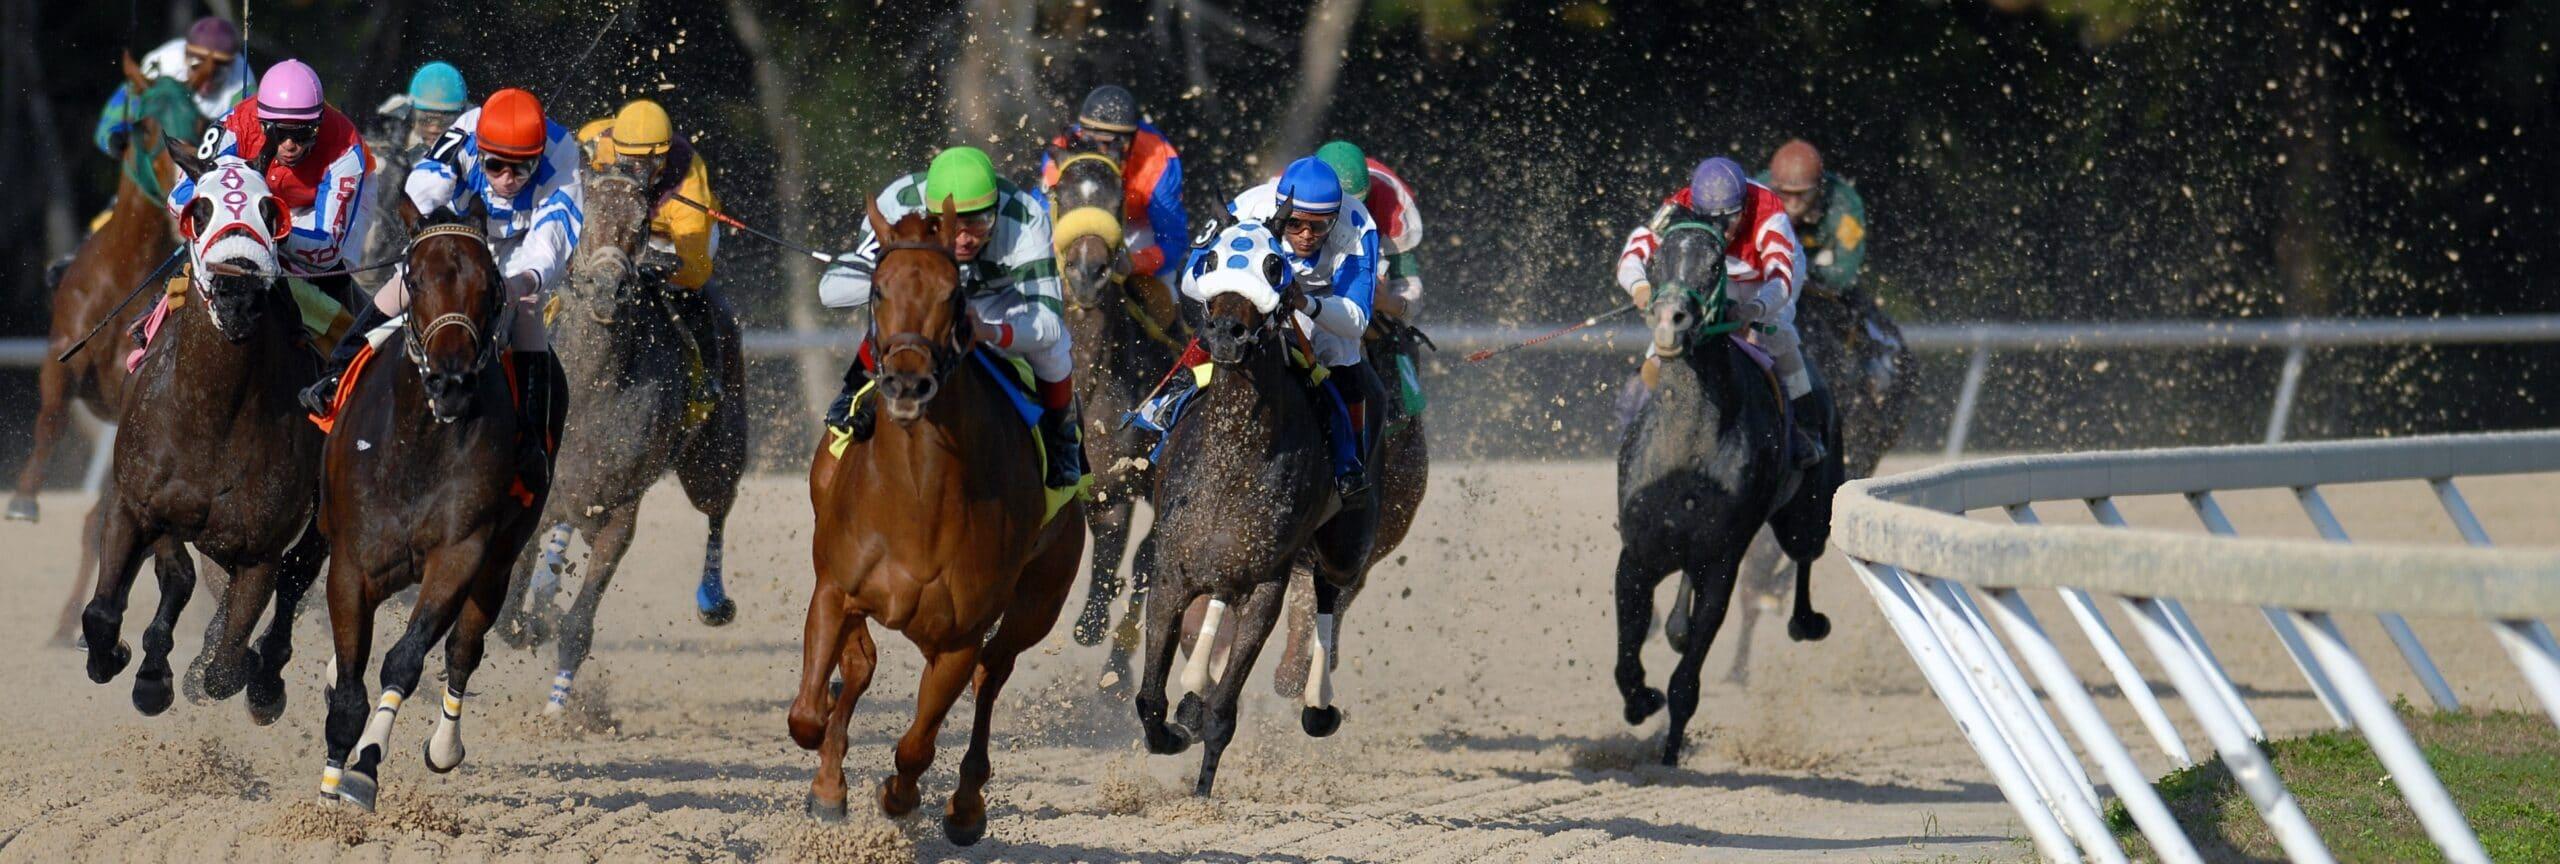 Race horses in full speed